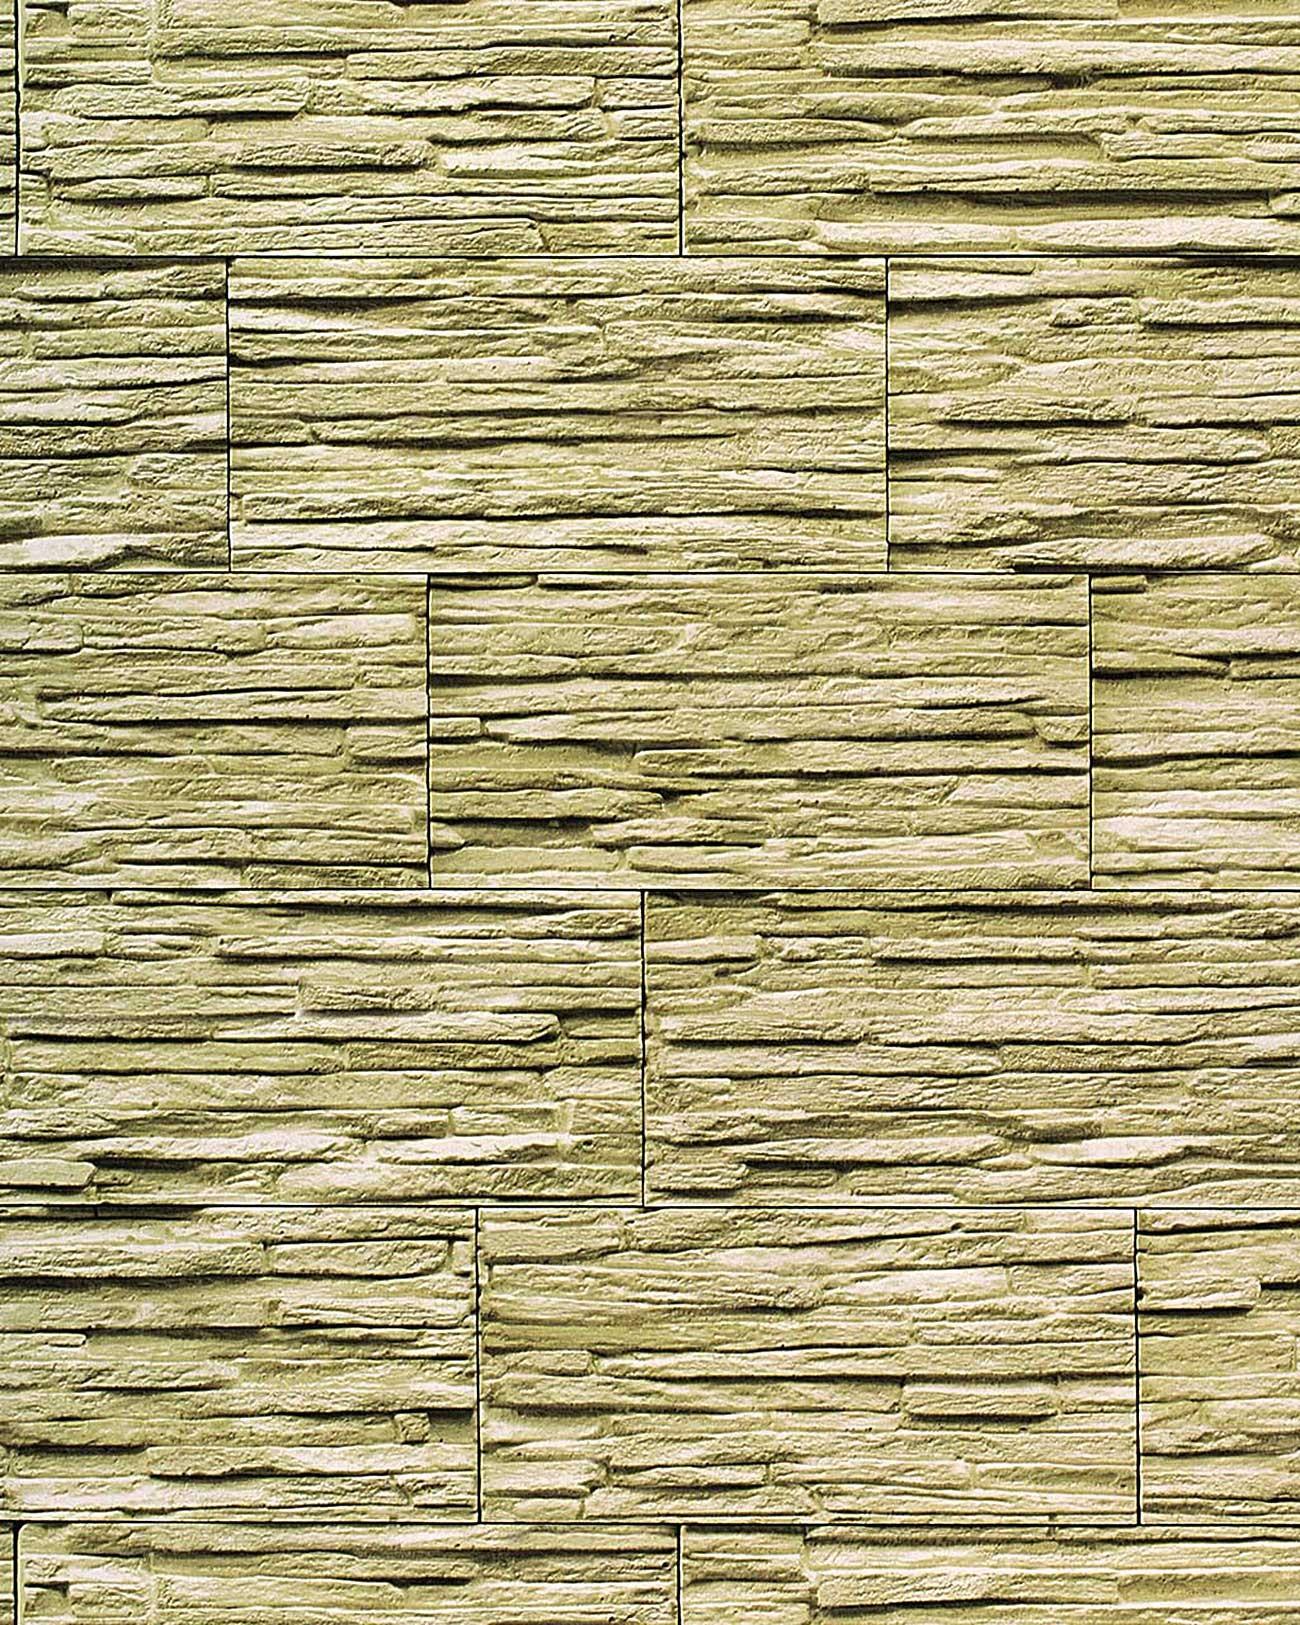 Hochwertige Tapeten In Steinoptik : Steintapete EDEM 1003-35 Tapete Naturstein Bruch-Stein Mauer Optik